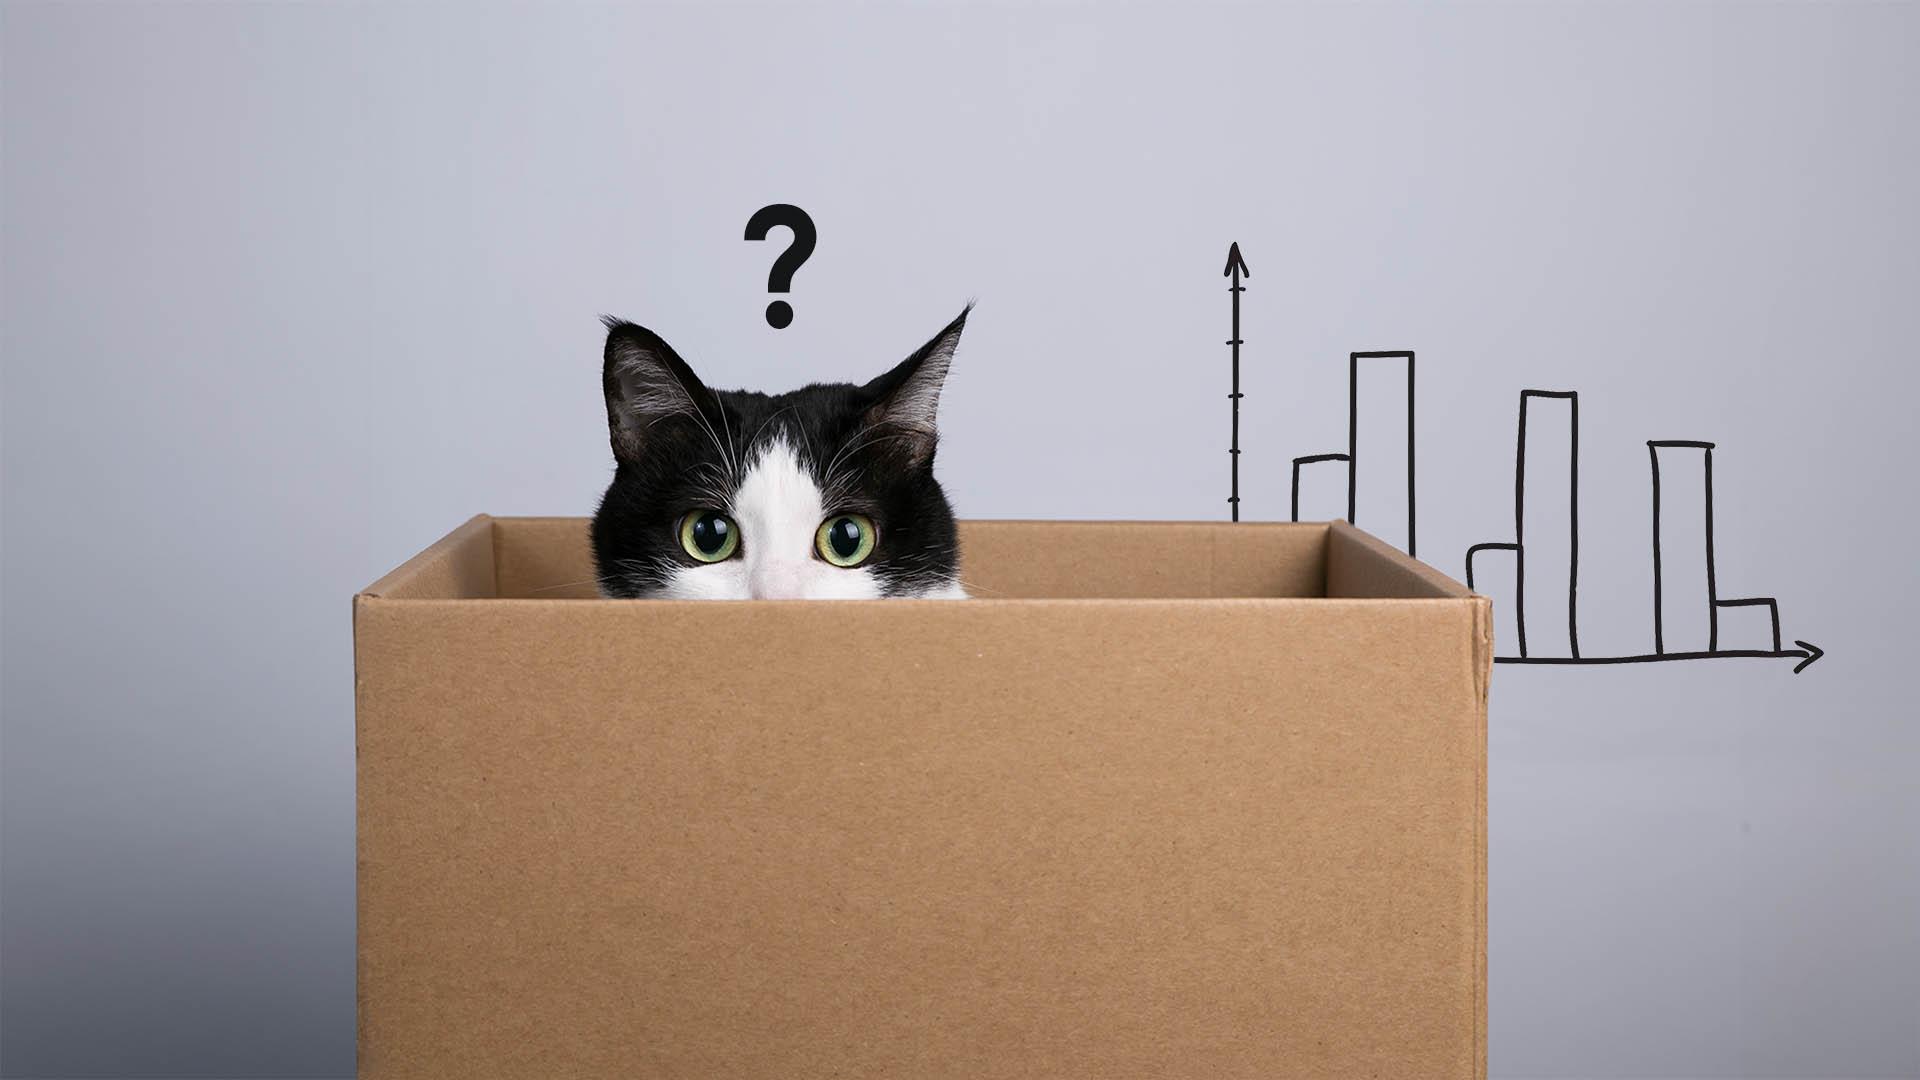 kot interpretacja statystyczna